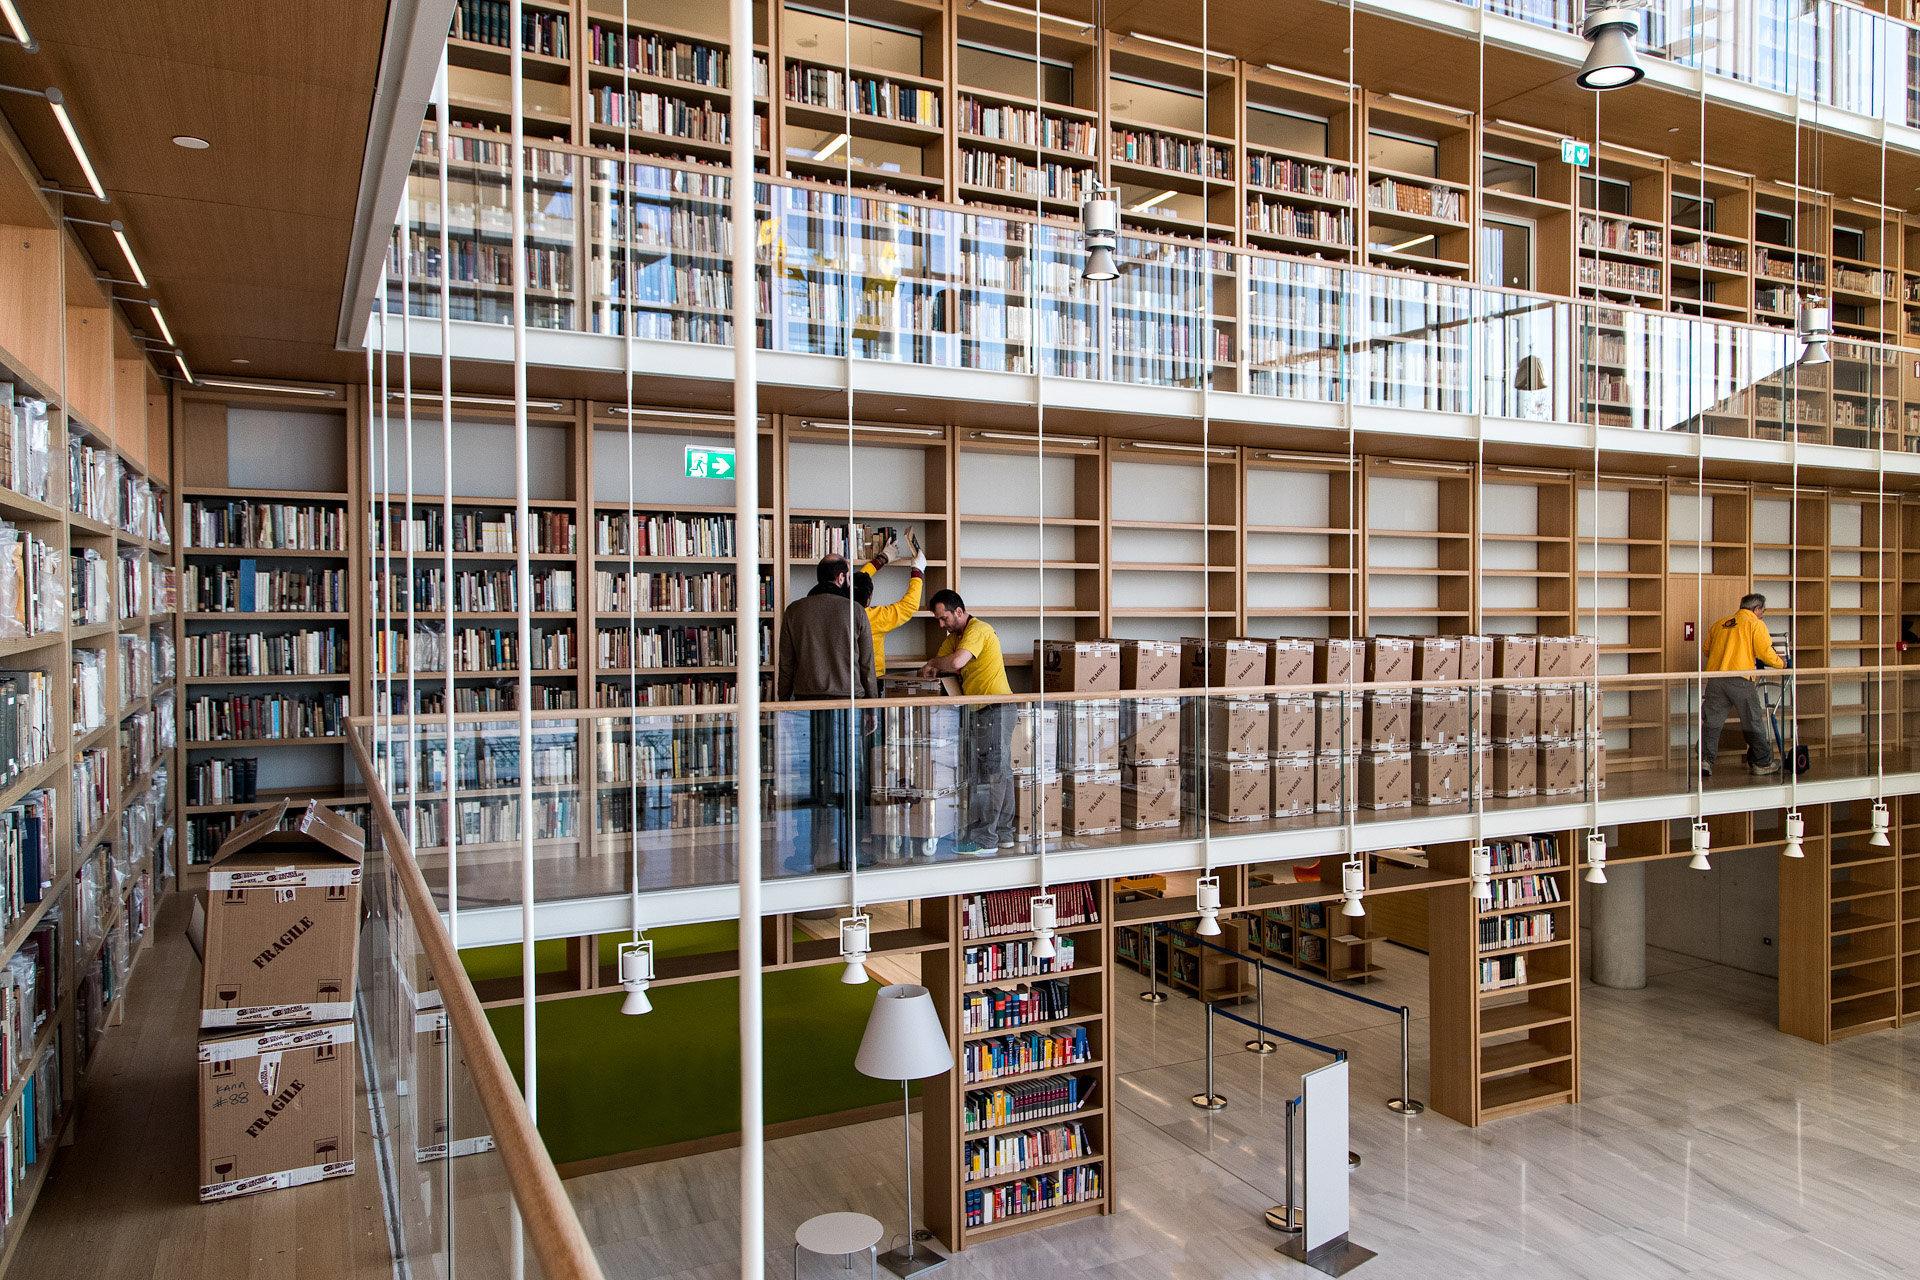 Ξεκίνησε η μεταφορά των συλλογών της Εθνικής Βιβλιοθήκης της